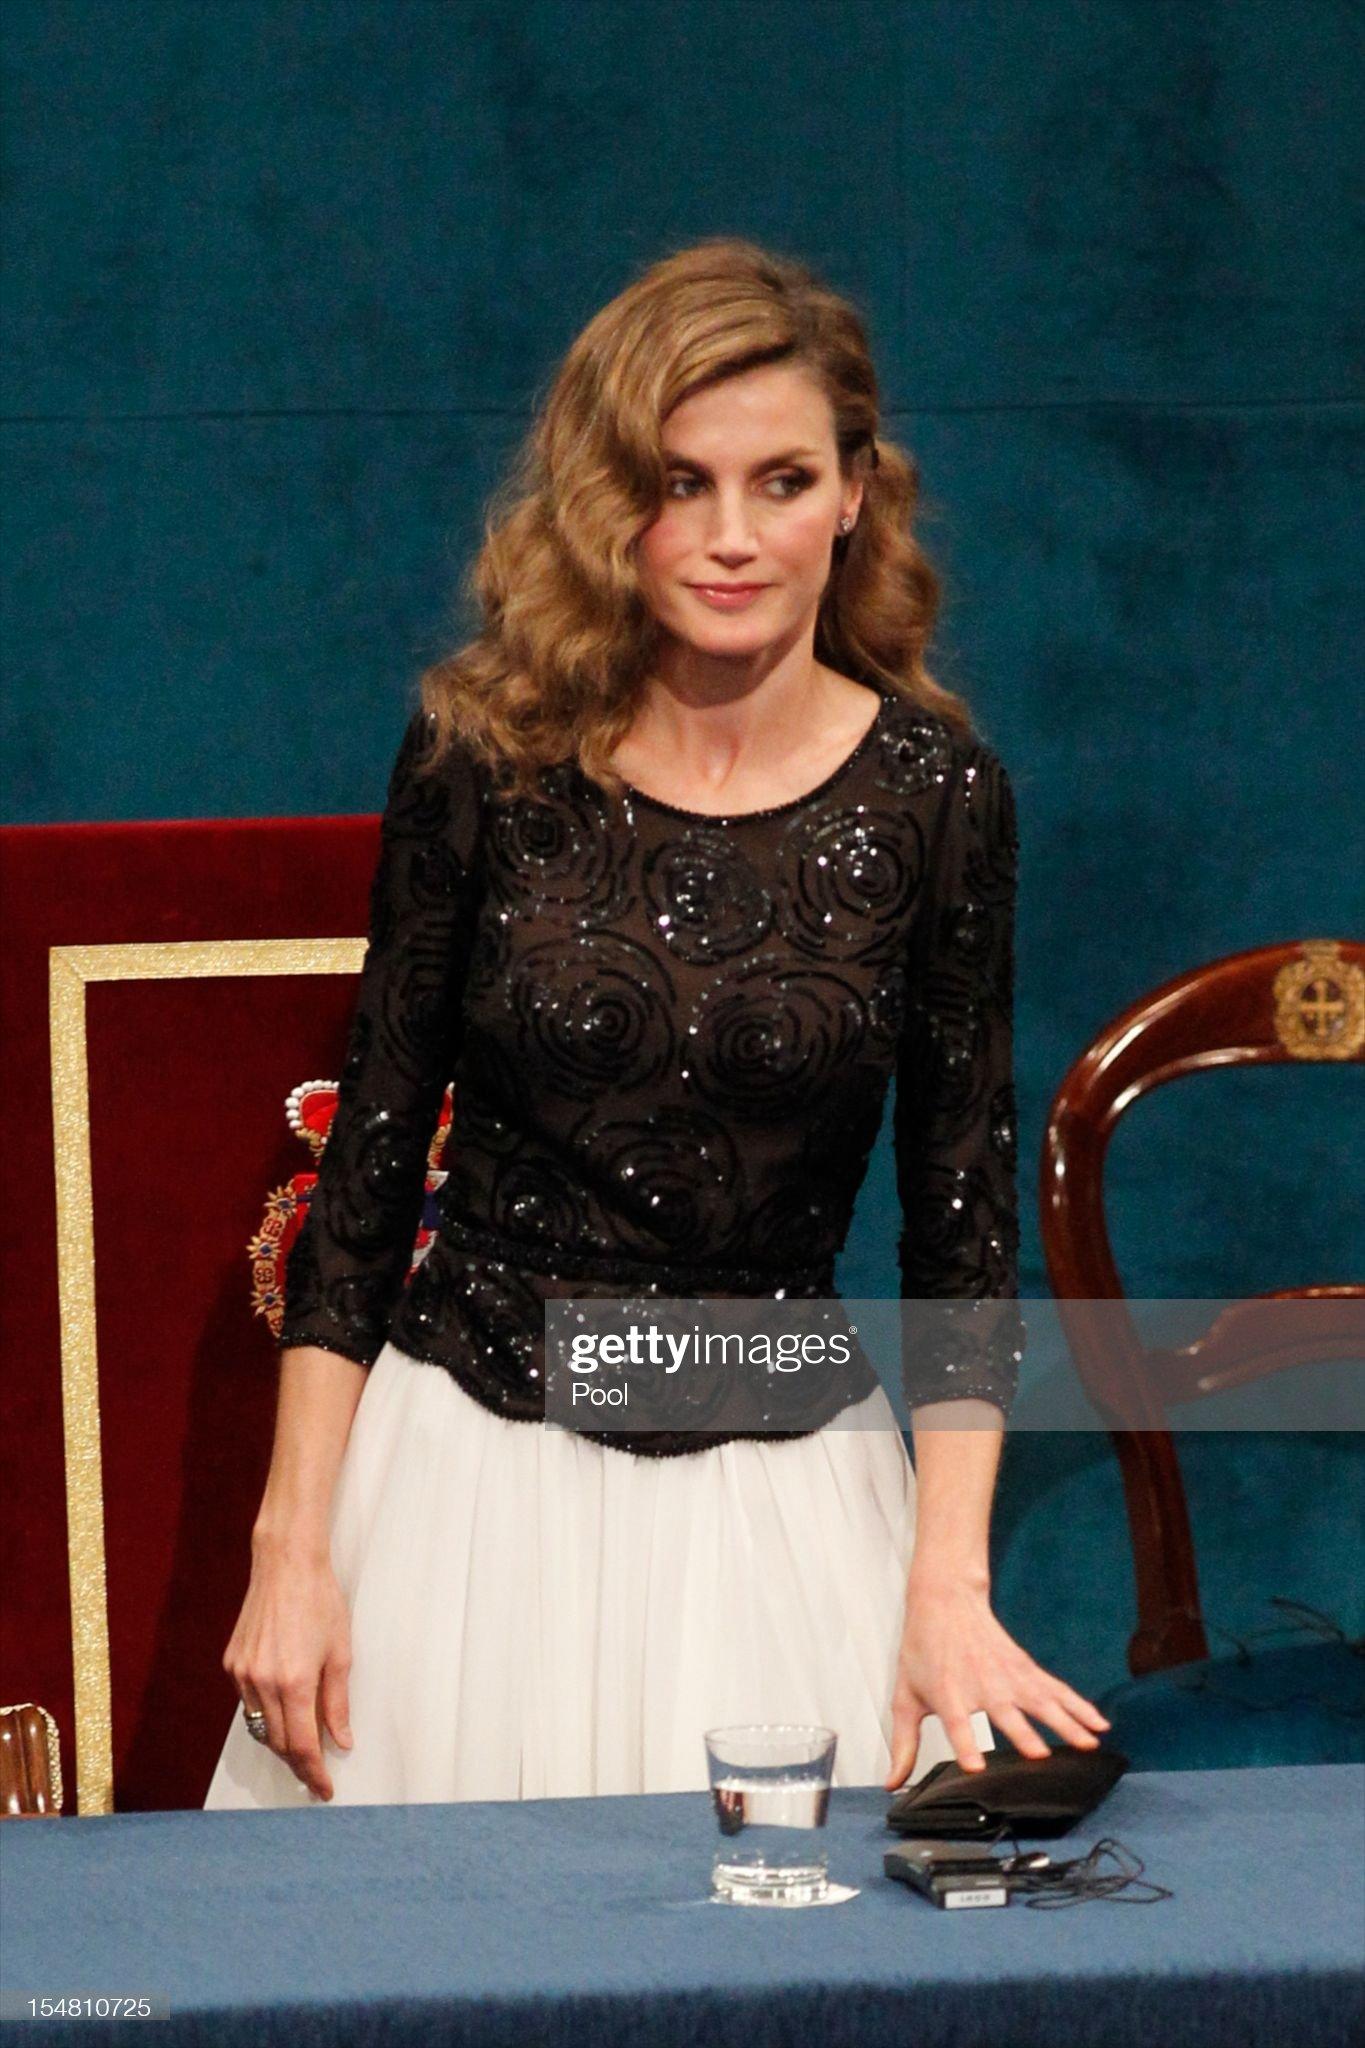 Spanish Royals Attend Principes de Asturias Awards 2012 - Gala : News Photo